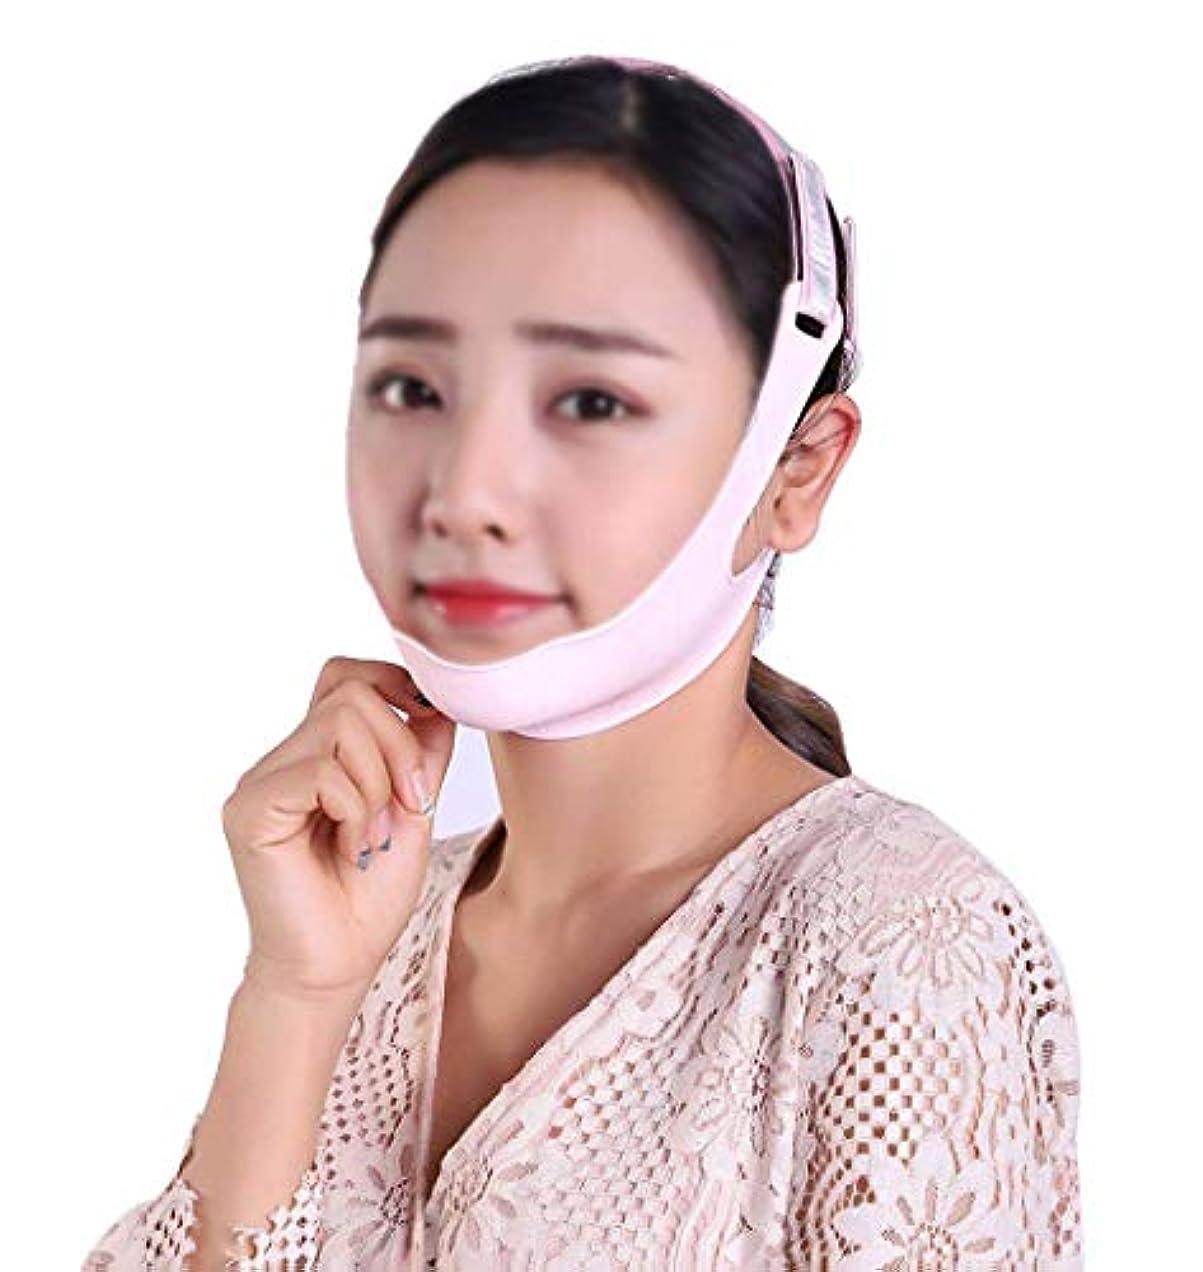 補足アイロニー有益なフェイスリフトマスク、シリコンVフェイスマスクファーミング、リフティングフェイス、バンデージスモールVフェイスアーティファクトリラクゼーションフェイスアンドネックリフト(サイズ:M)